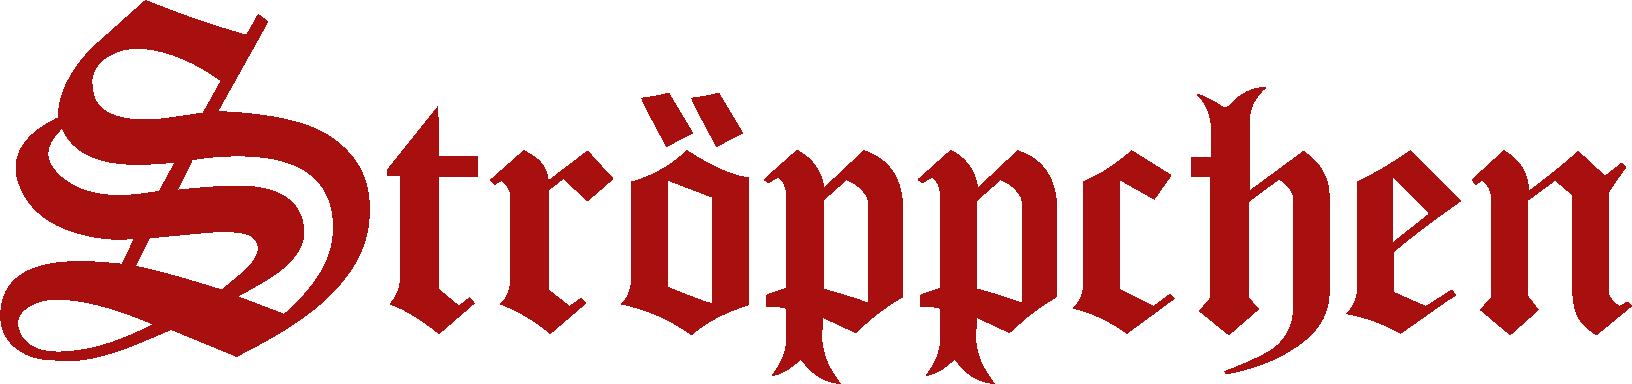 Ströppchen